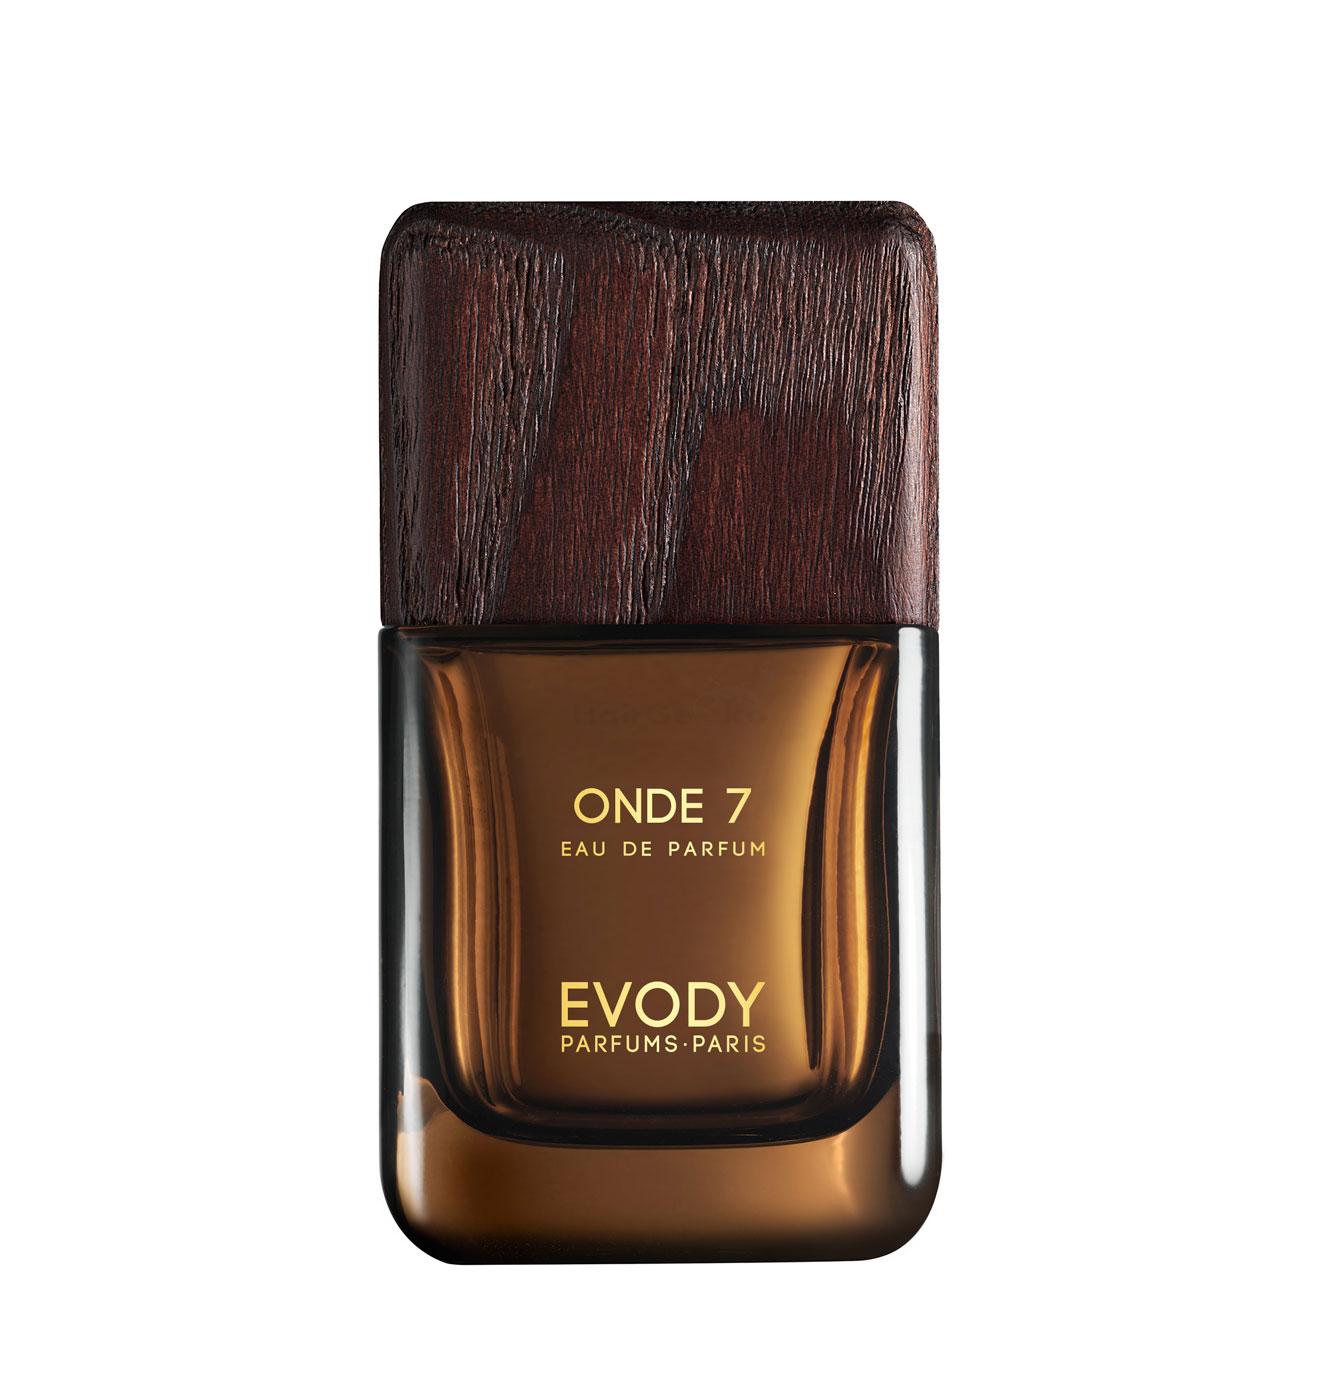 Evody - Collection D'Ailleurs - Onde 7 Eau de Parfum 50ml